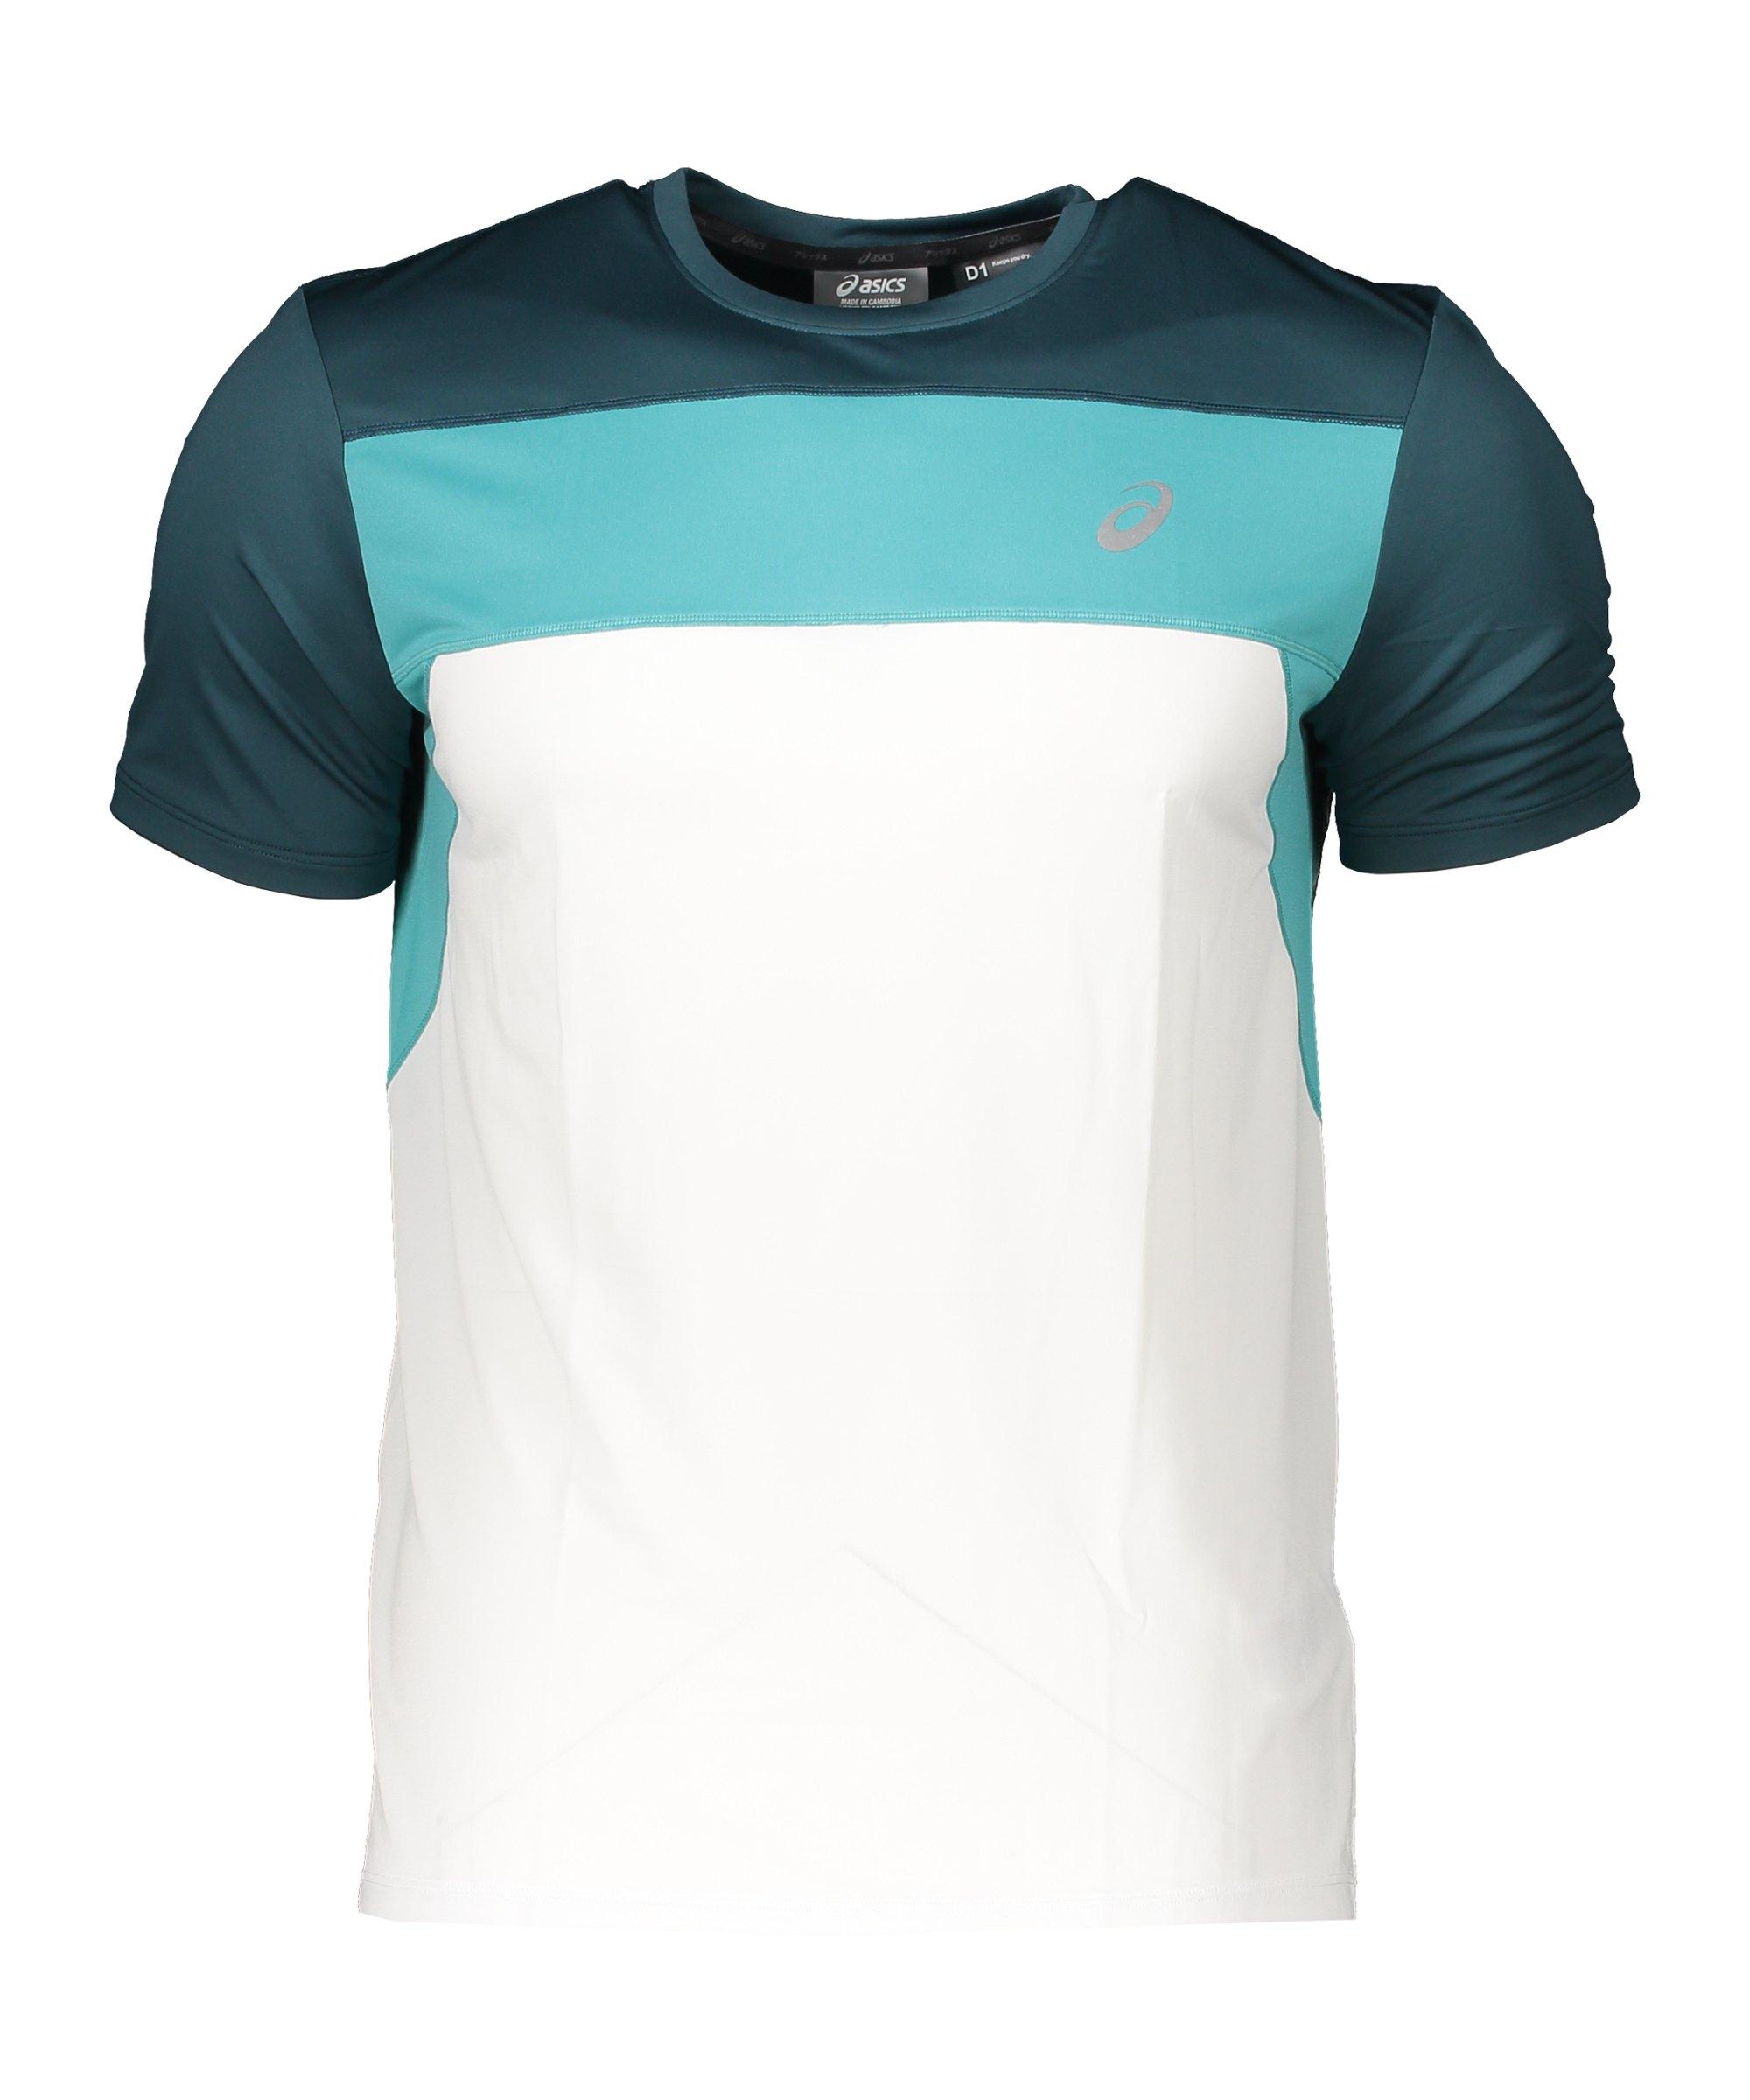 Asics Race SS Running T-Shirt Weiss Blau F403 - weiss